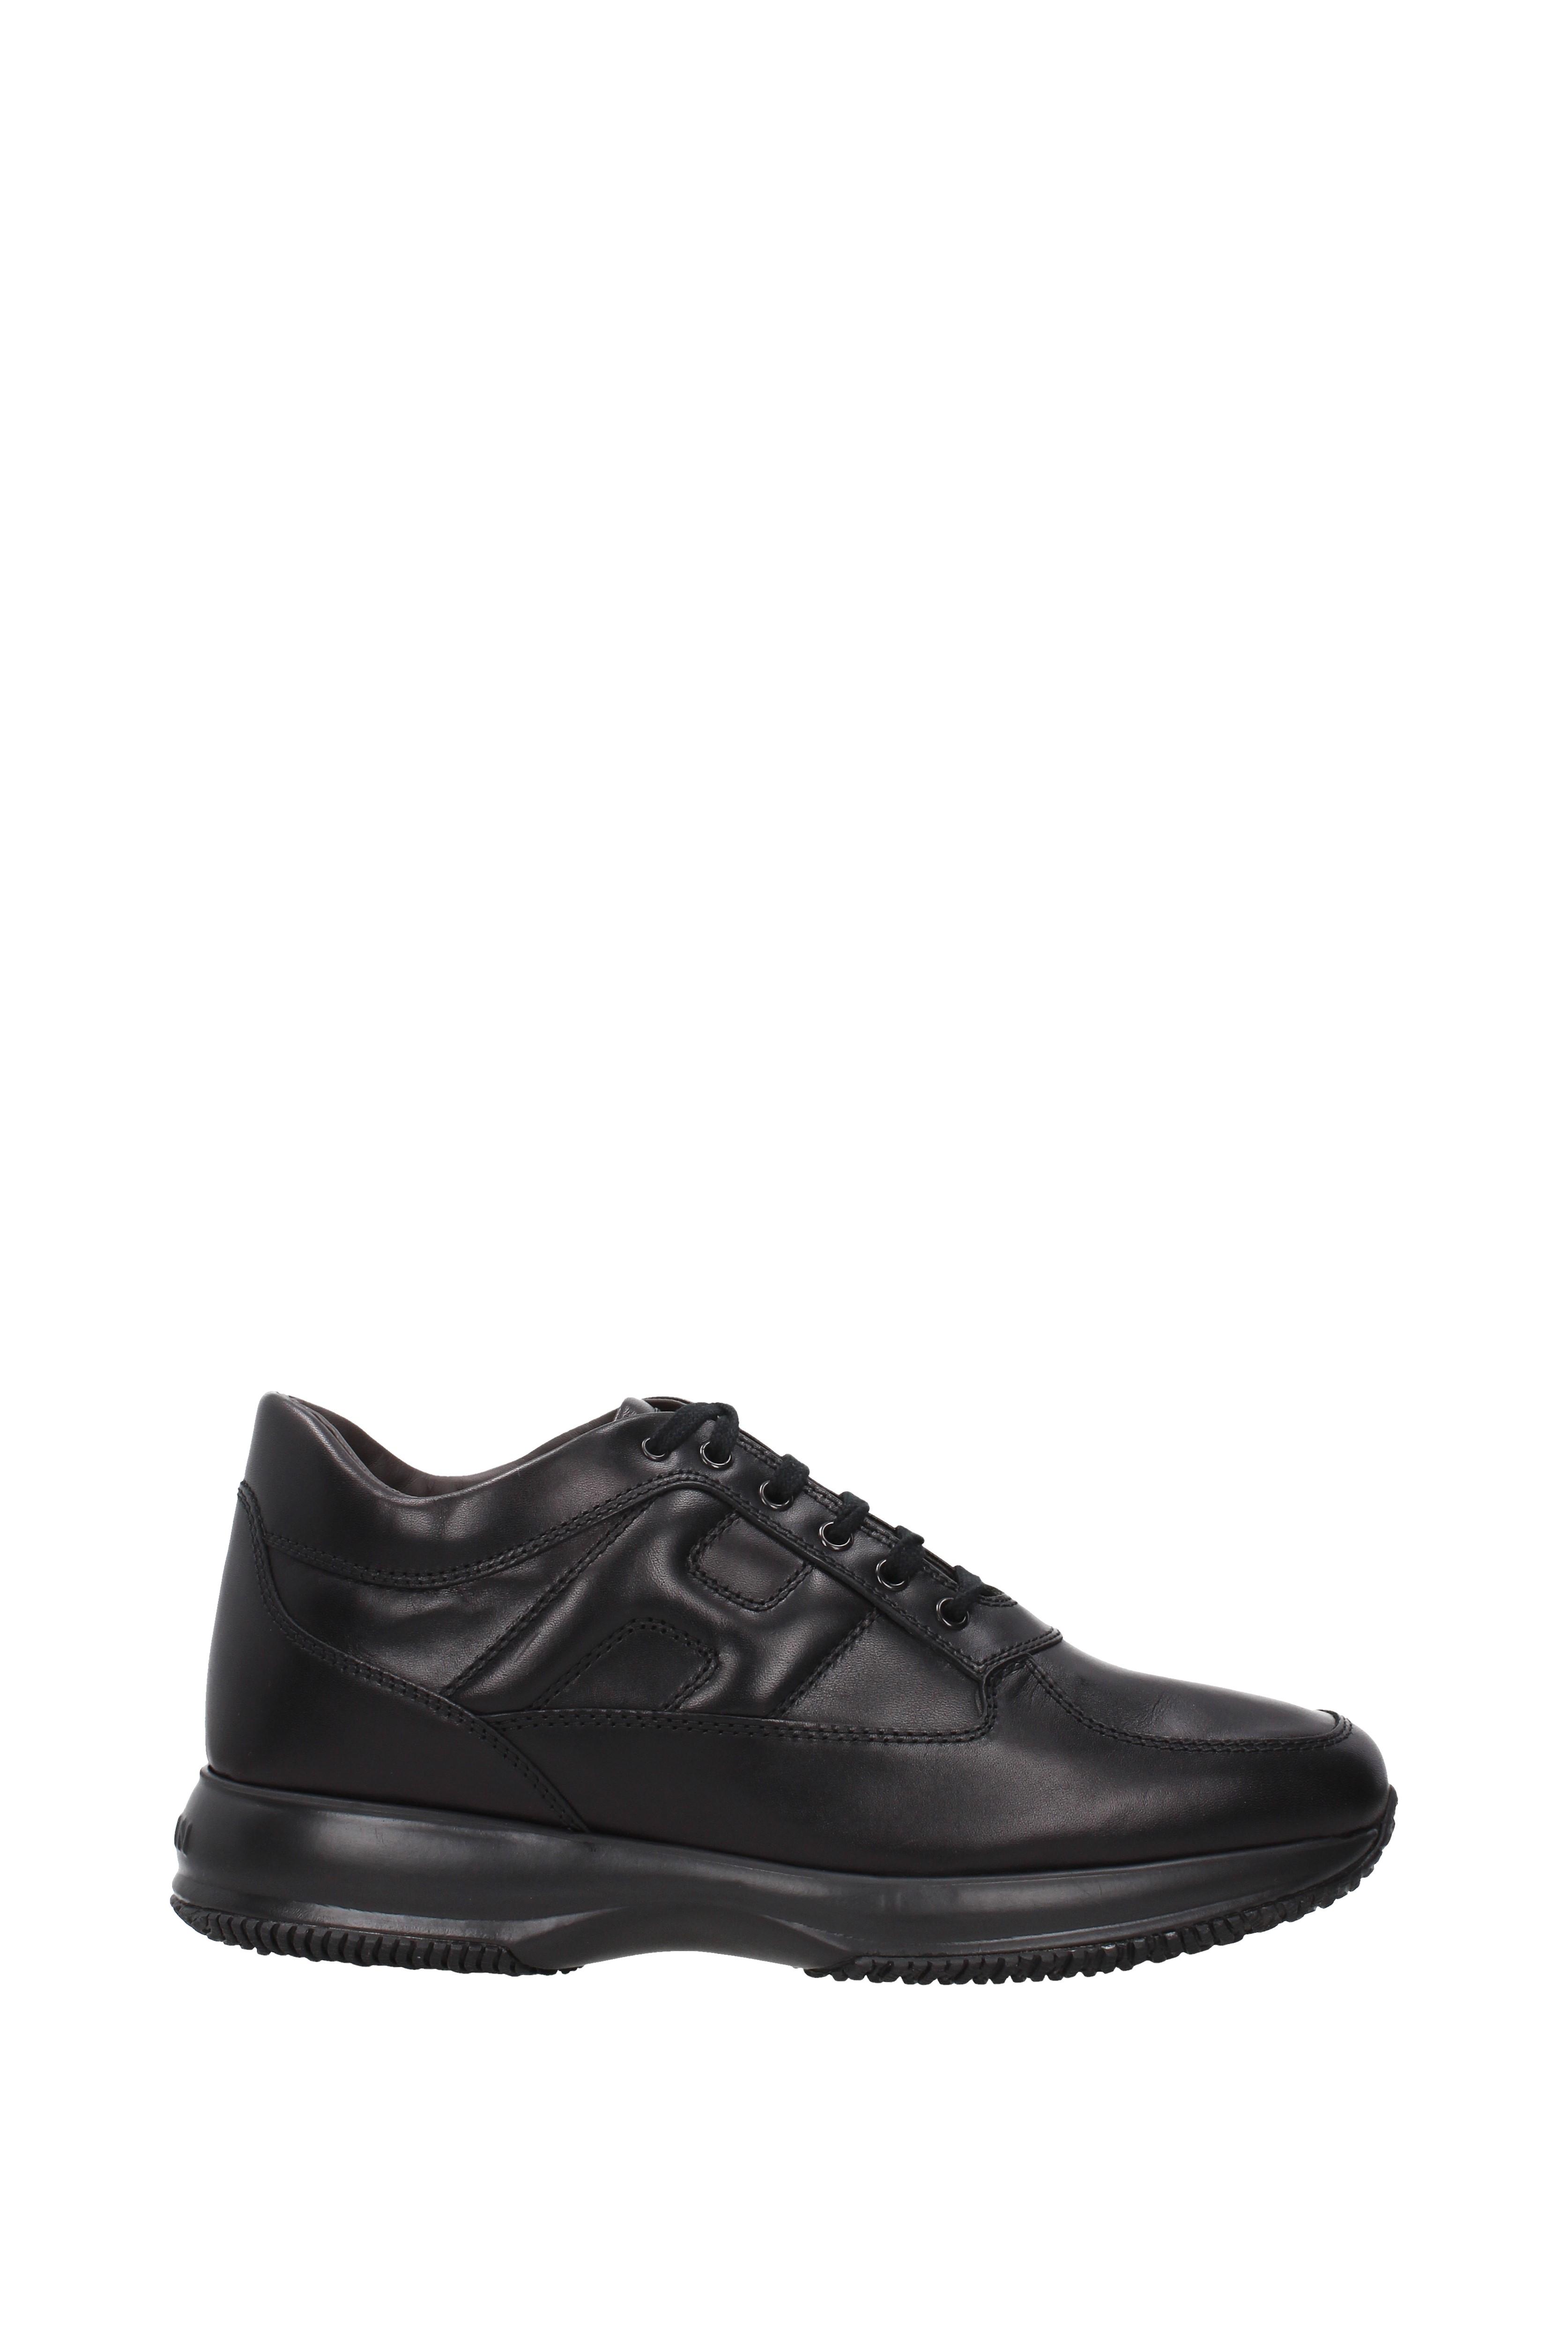 scarpe scarpe scarpe da ginnastica Hogan Interactive Uomo-PELLE (HXM00N00010NB0) 43f451